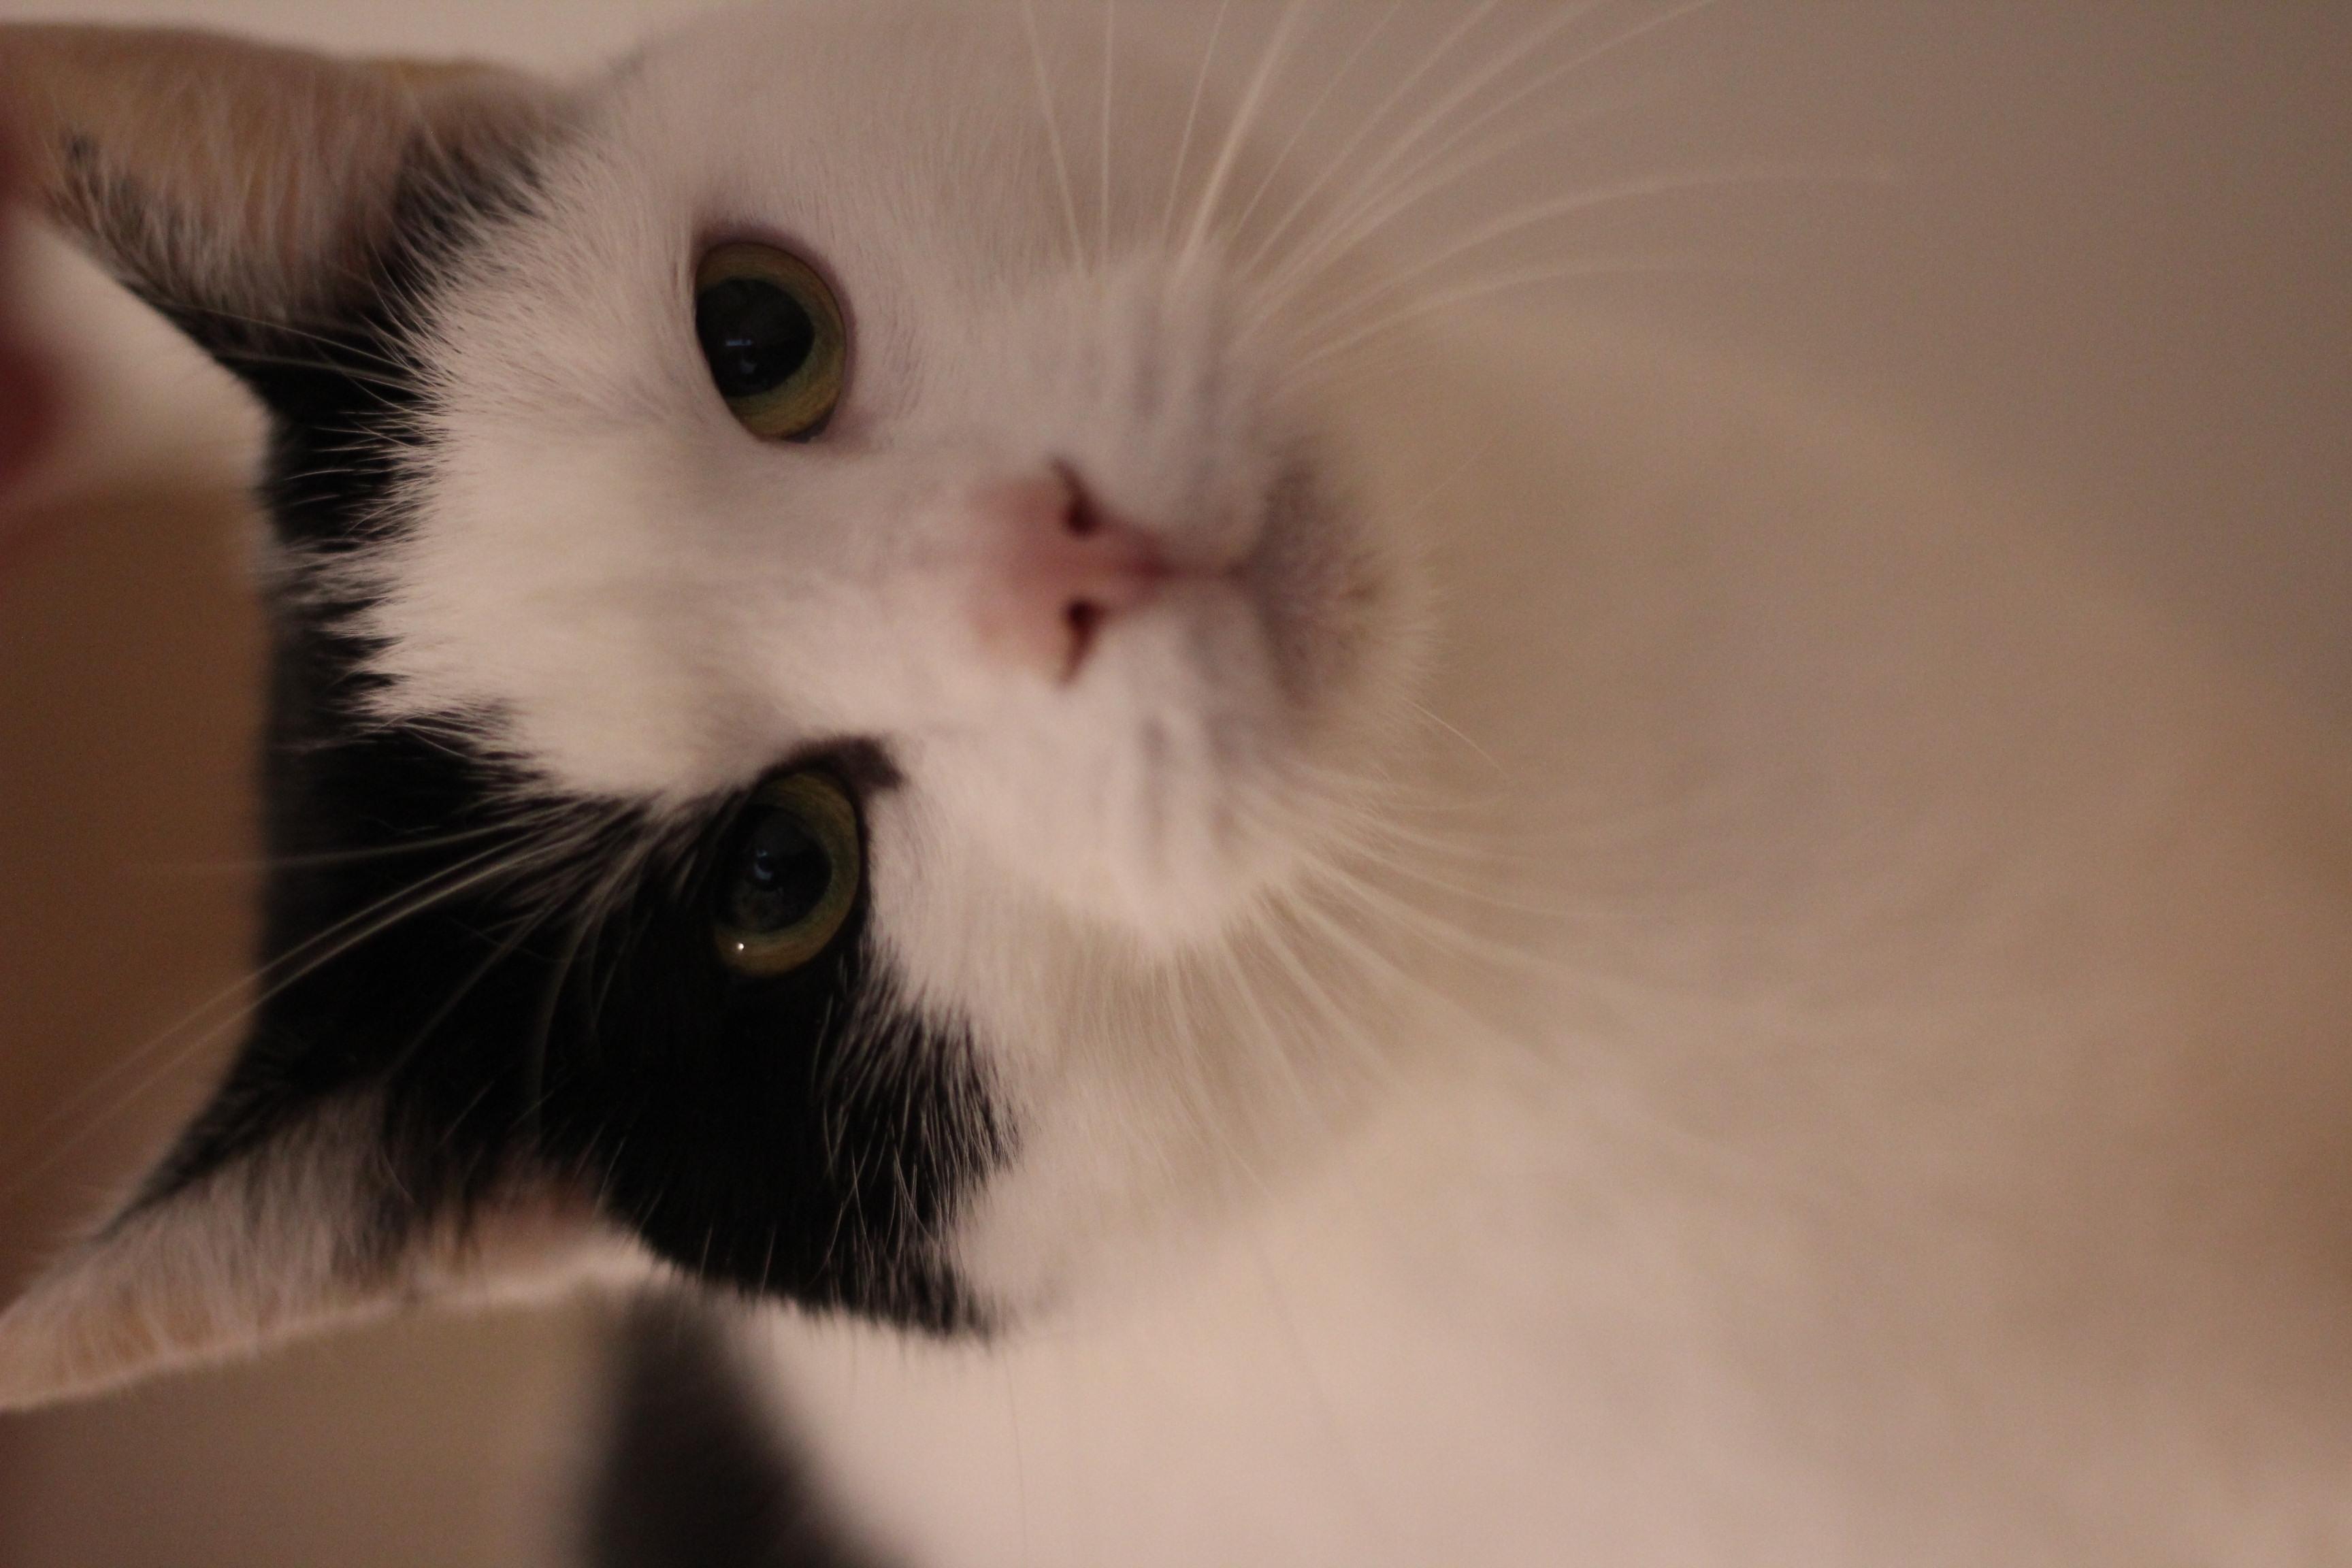 Marley er den dejligste hunkat å 7 år. hun skal helst bo i et hjem uden andre katte - hun elsker at putte